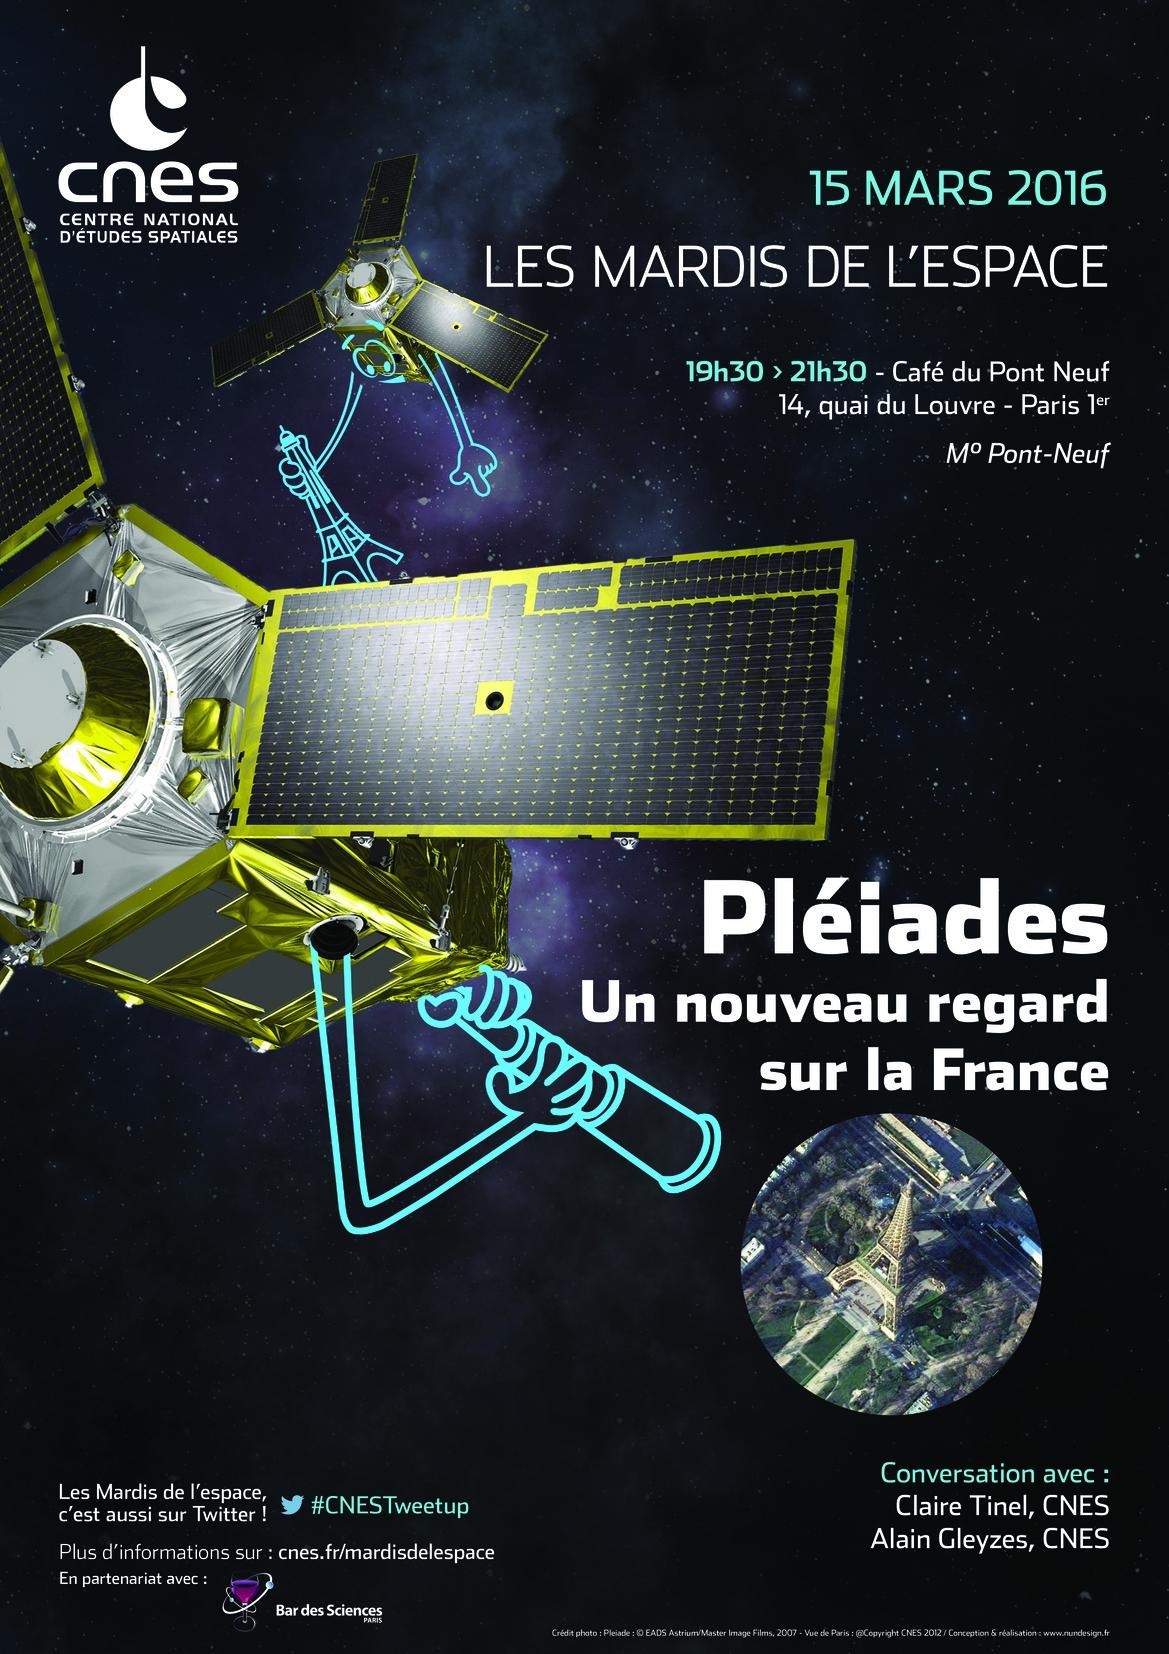 is_mardis-espace-15mar2016.jpg